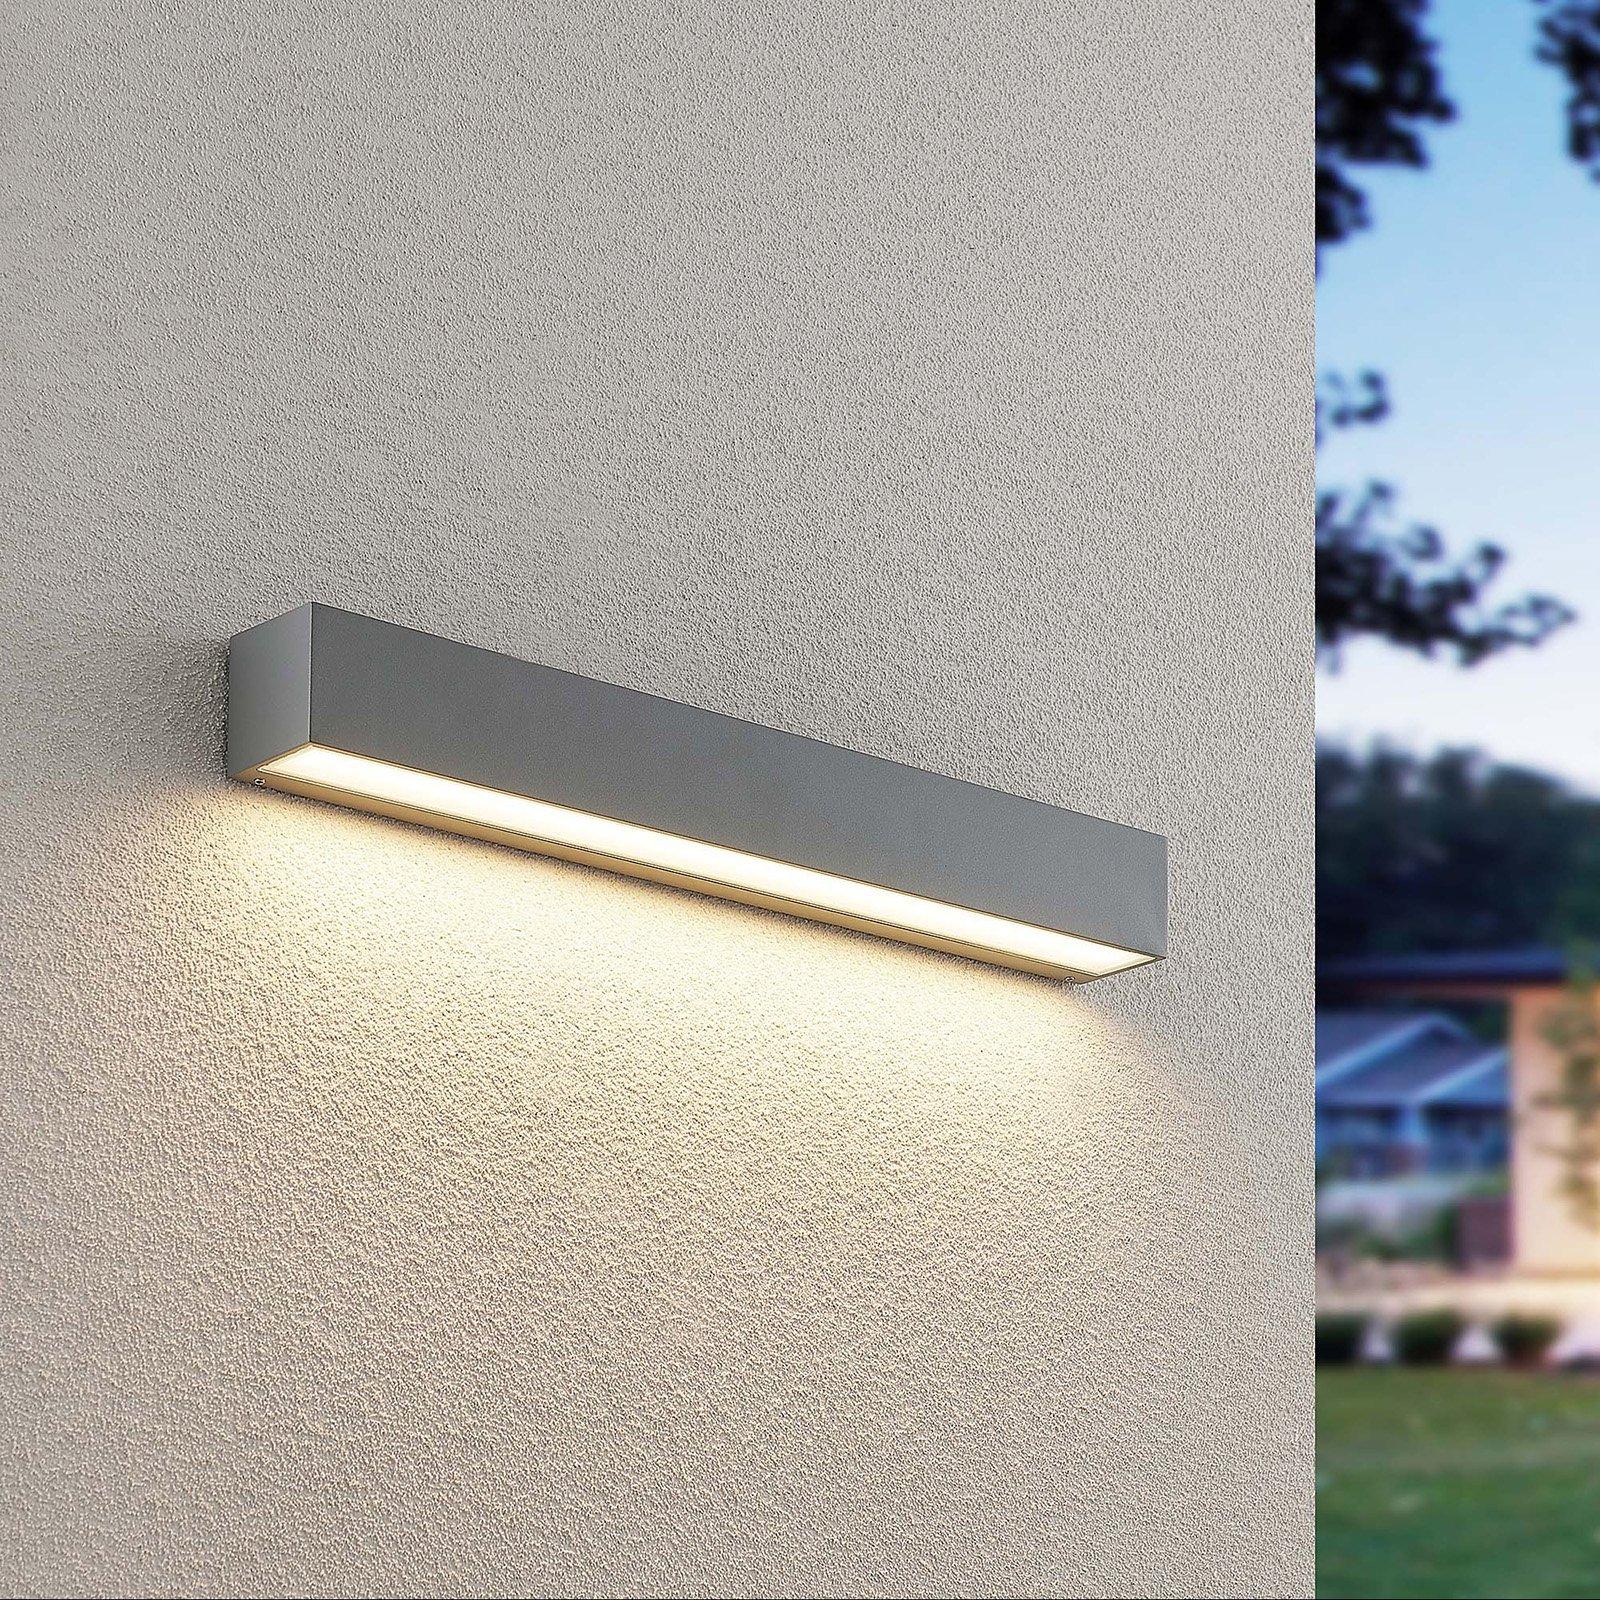 Lucande Lengo LED-vegglampe, down sølv 50cm